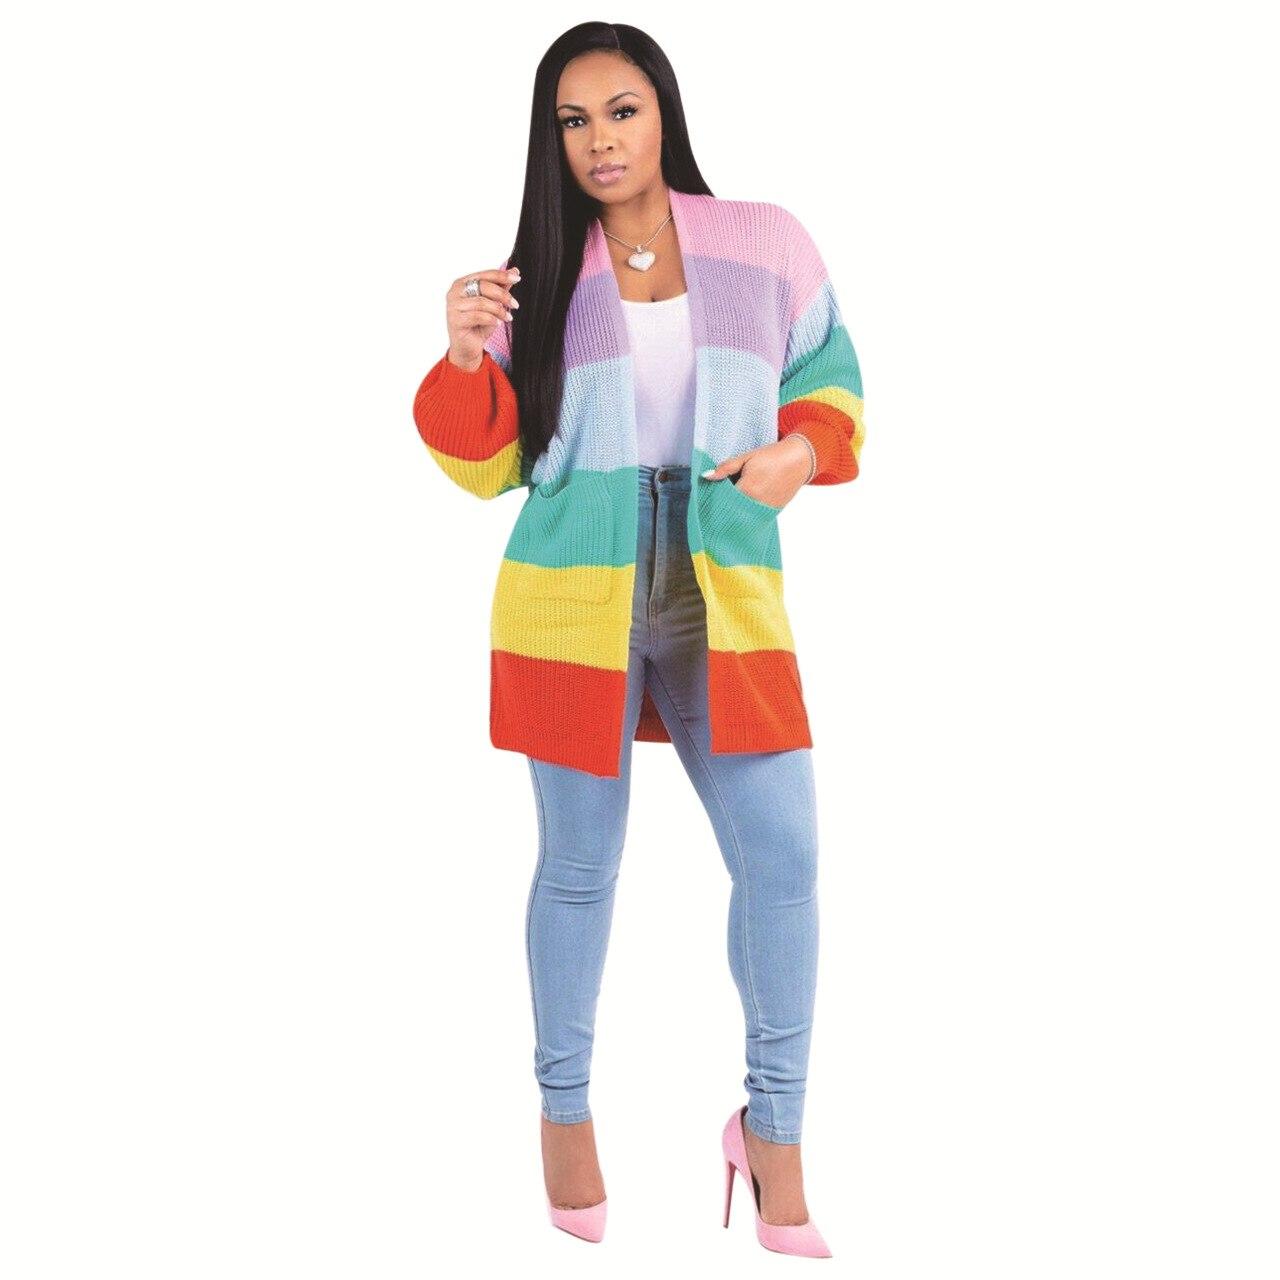 Winter frauen Kleidung, schöne Süße Regenbogen Streifen Lange Lose Hülse Pullover Winter Frauen Harajuku Pullover Pullover